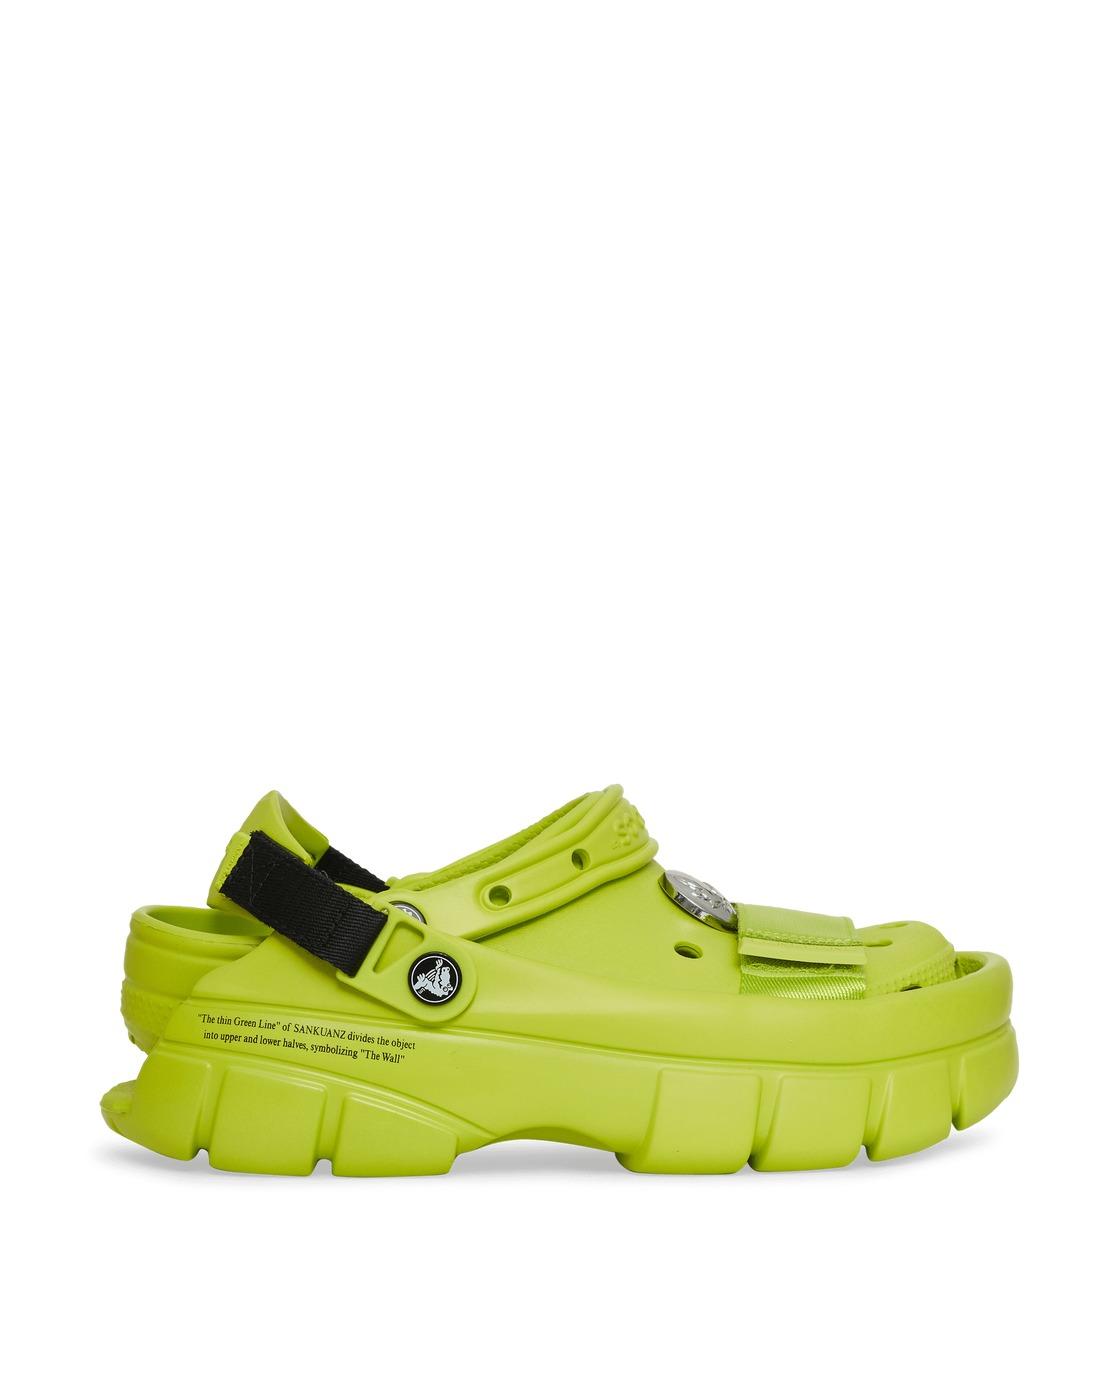 Crocs Sankuanz Classic Clogs Lime Punch